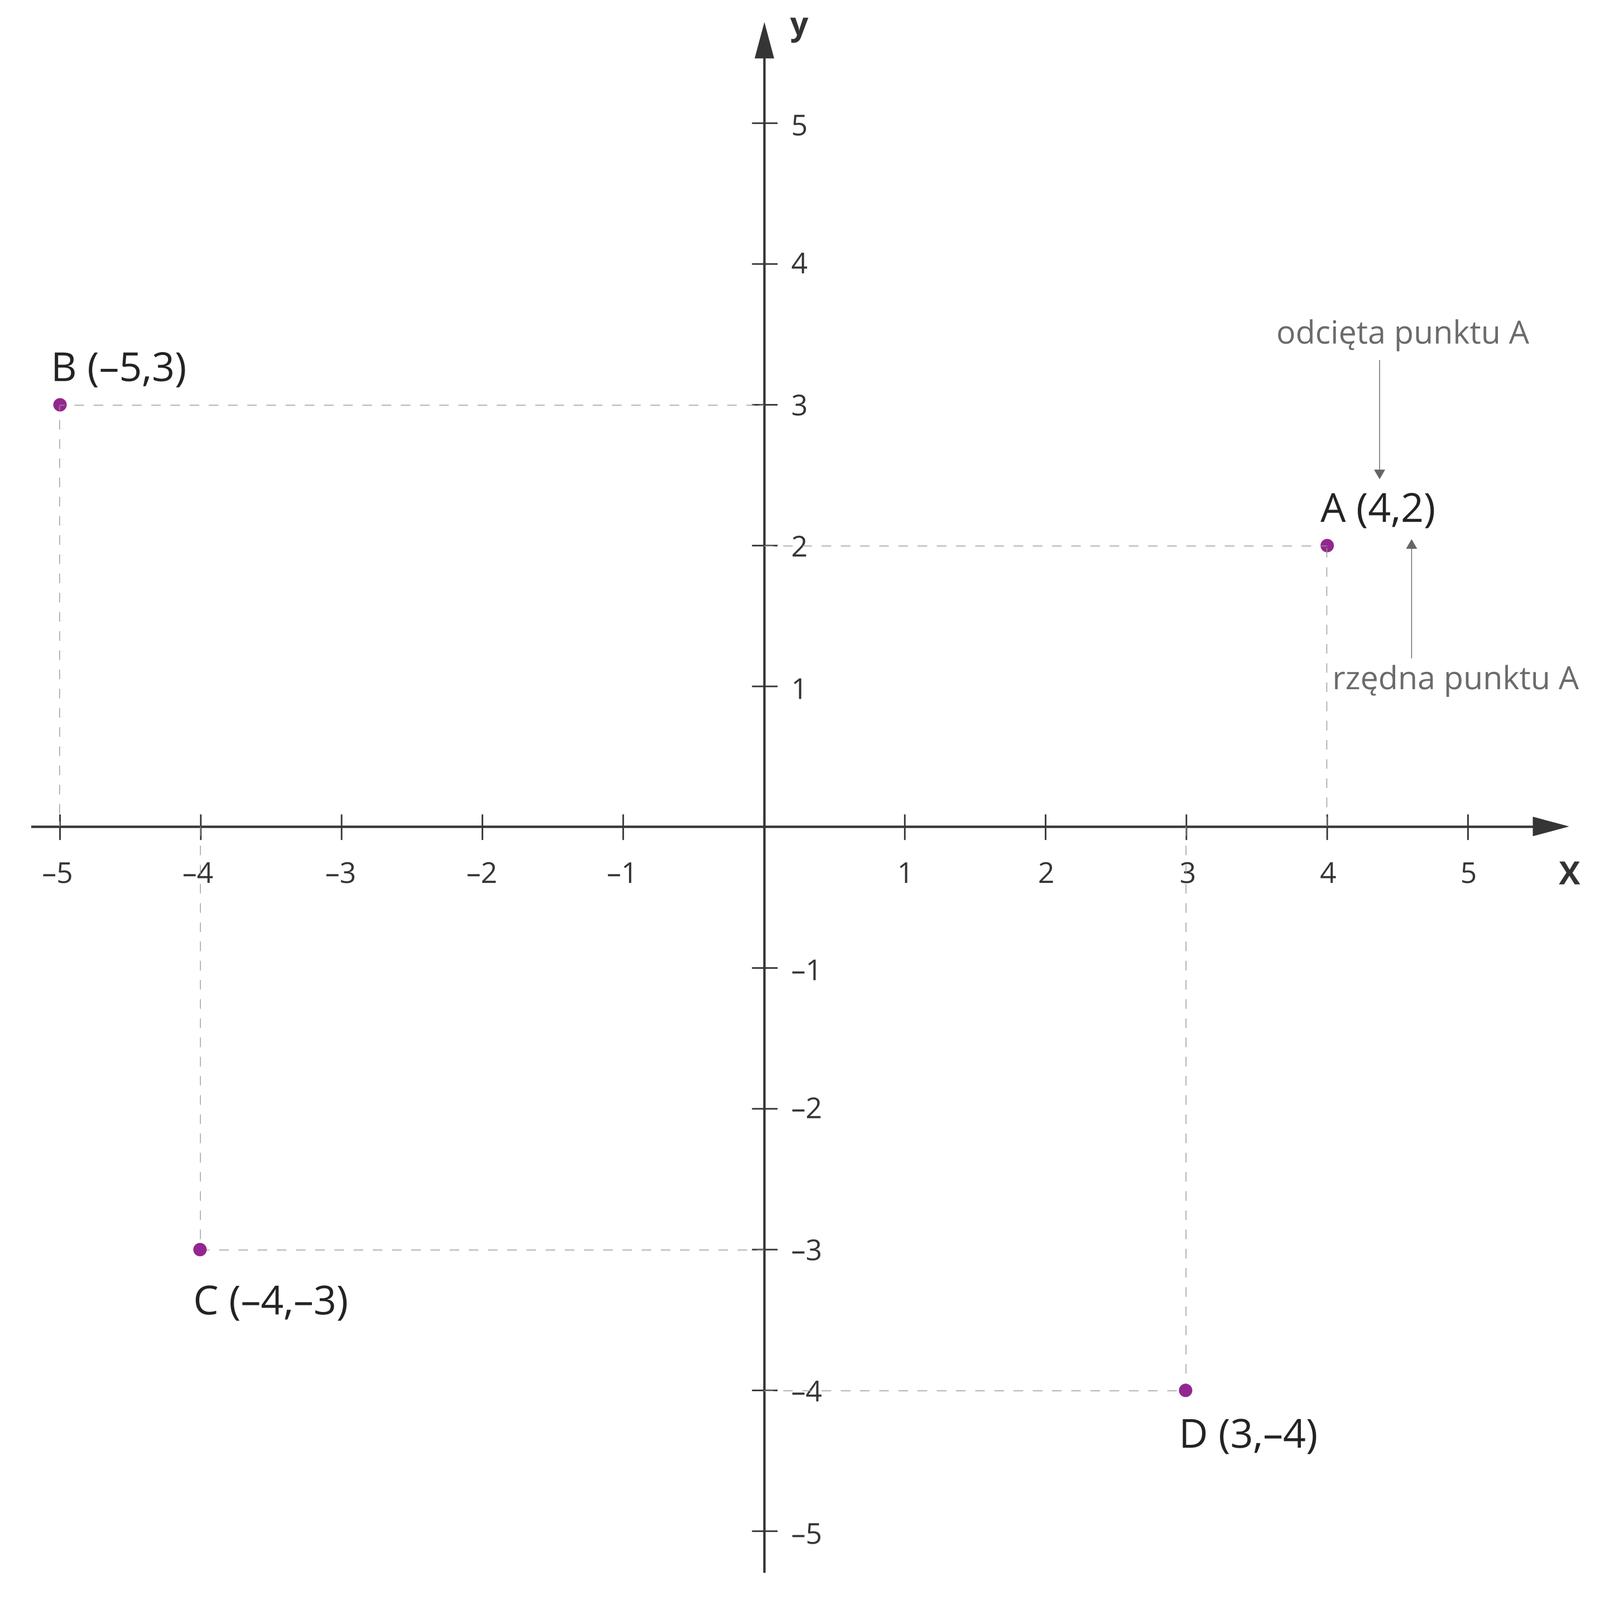 """Ilustracja przedstawia układ współrzędnych prostokątnych na płaszczyźnie. Tło białe, osie czarne. Na układzie zaznaczono cztery punkty: A, B, C, D. Każdy położone winnej ćwiartce układu. Współrzędne: A(4,2); B(-5, 3), C(-4,-3), D(3, -4). Przy współrzędnych punktu Adodano podpisy. Podpis do liczby 4: """"odcięta punktu A"""". Podpis do liczby 2: """"rzędna punktu A""""."""